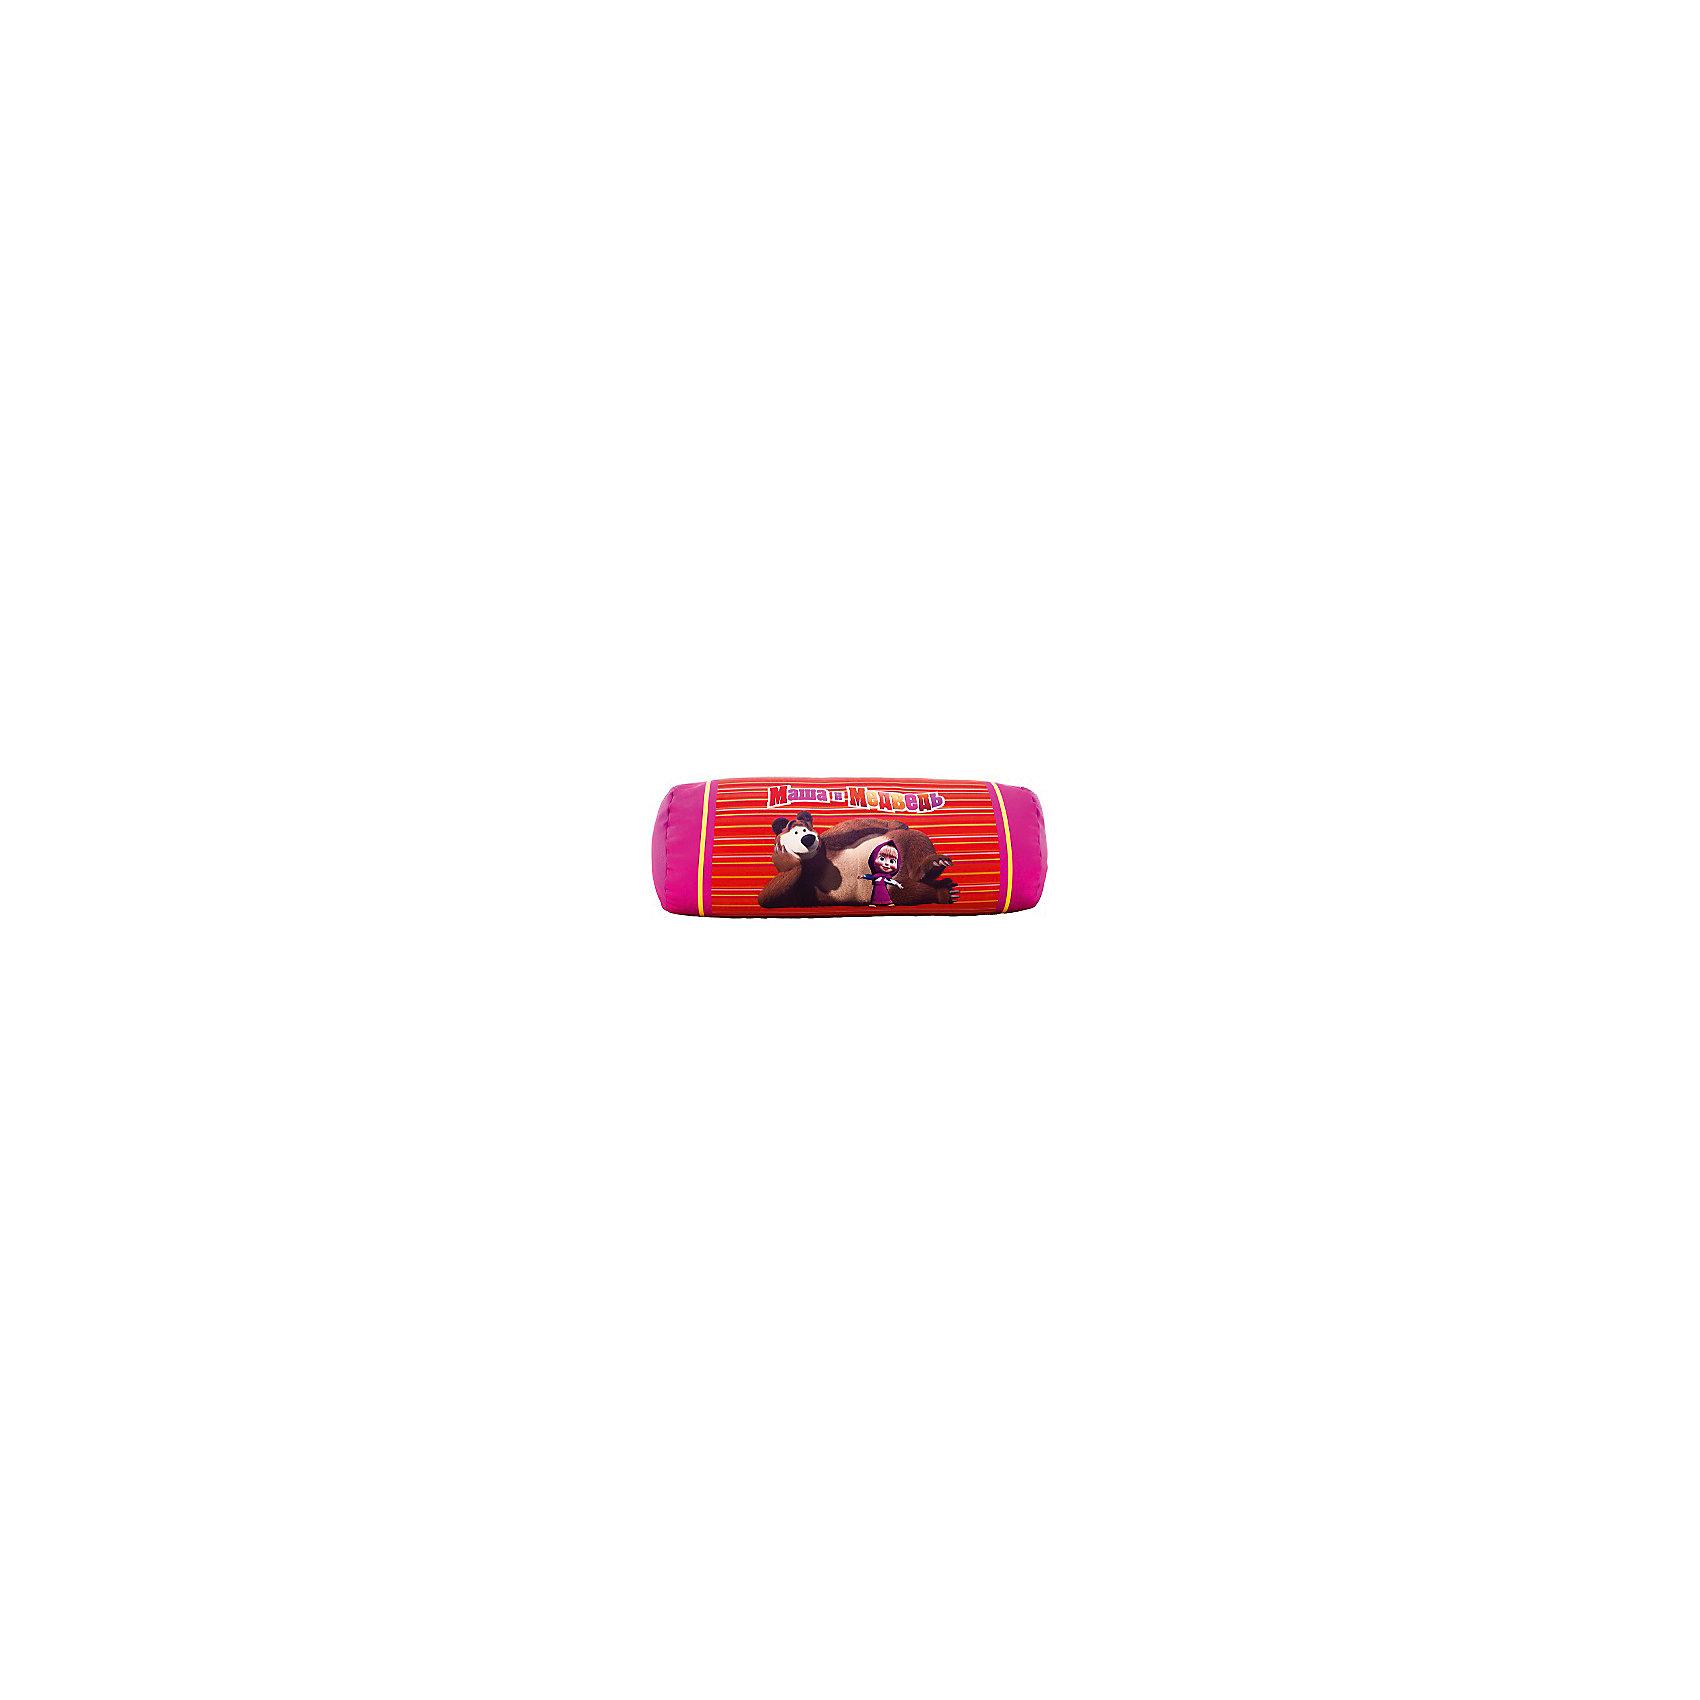 Подушка-валик антистресс арт. 2604-1, Small Toys, оранжевыйДомашний текстиль<br>Характеристики товара:<br><br>• цвет: оранжевый<br>• материал: трикотаж, полистирол<br>• размер: 10х10х32 см<br>• для шеи<br>• украшена принтом<br>• возраст: от трех лет<br>• страна бренда: Российская Федерация<br>• страна производства: Российская Федерация<br><br>Красивая и качественная подушка для шеи может отличным подарком ребенку, тем более, если она украшена изображением любимого персонажа! Она декорирована ярким принтом, поэтому привлечет внимание малыша. Подушка сделана из приятного на ощупь материала и специального наполнителя - гранул полистирола, которые приятно пересыпаются внутри неё.<br>Такое изделие сможет оказывать точечный массаж ладошек, если держать её в руках, развивать моторику и отвлекать ребенка при необходимости. В поездках такая подушка поможет занять удобное положение и при этом будет приятно массировать шею. Подушка выполнена в приятной расцветке. Швы хорошо проработаны. Изделие произведено из сертифицированных материалов, безопасных для детей.<br><br>Подушку-валик антистресс арт. 2604-1 от бренда Small Toys можно купить в нашем интернет-магазине.<br><br>Ширина мм: 320<br>Глубина мм: 100<br>Высота мм: 100<br>Вес г: 135<br>Возраст от месяцев: 36<br>Возраст до месяцев: 72<br>Пол: Унисекс<br>Возраст: Детский<br>SKU: 5272903